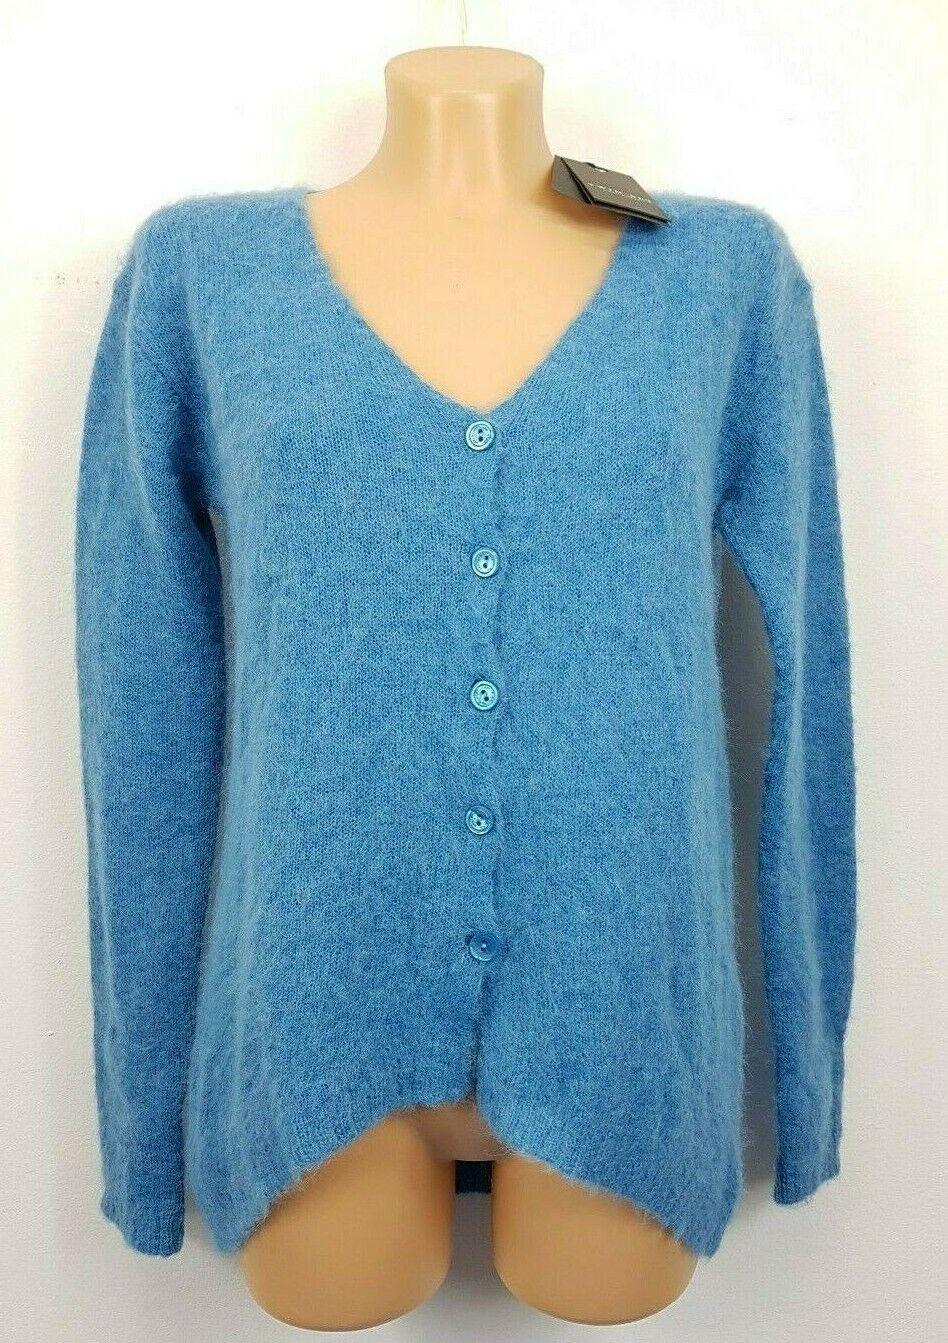 12) diseño de lujo twinset chaqueta de punto  Cochedigan talla s nuevo PVP 179   lana alpaca  punto de venta barato